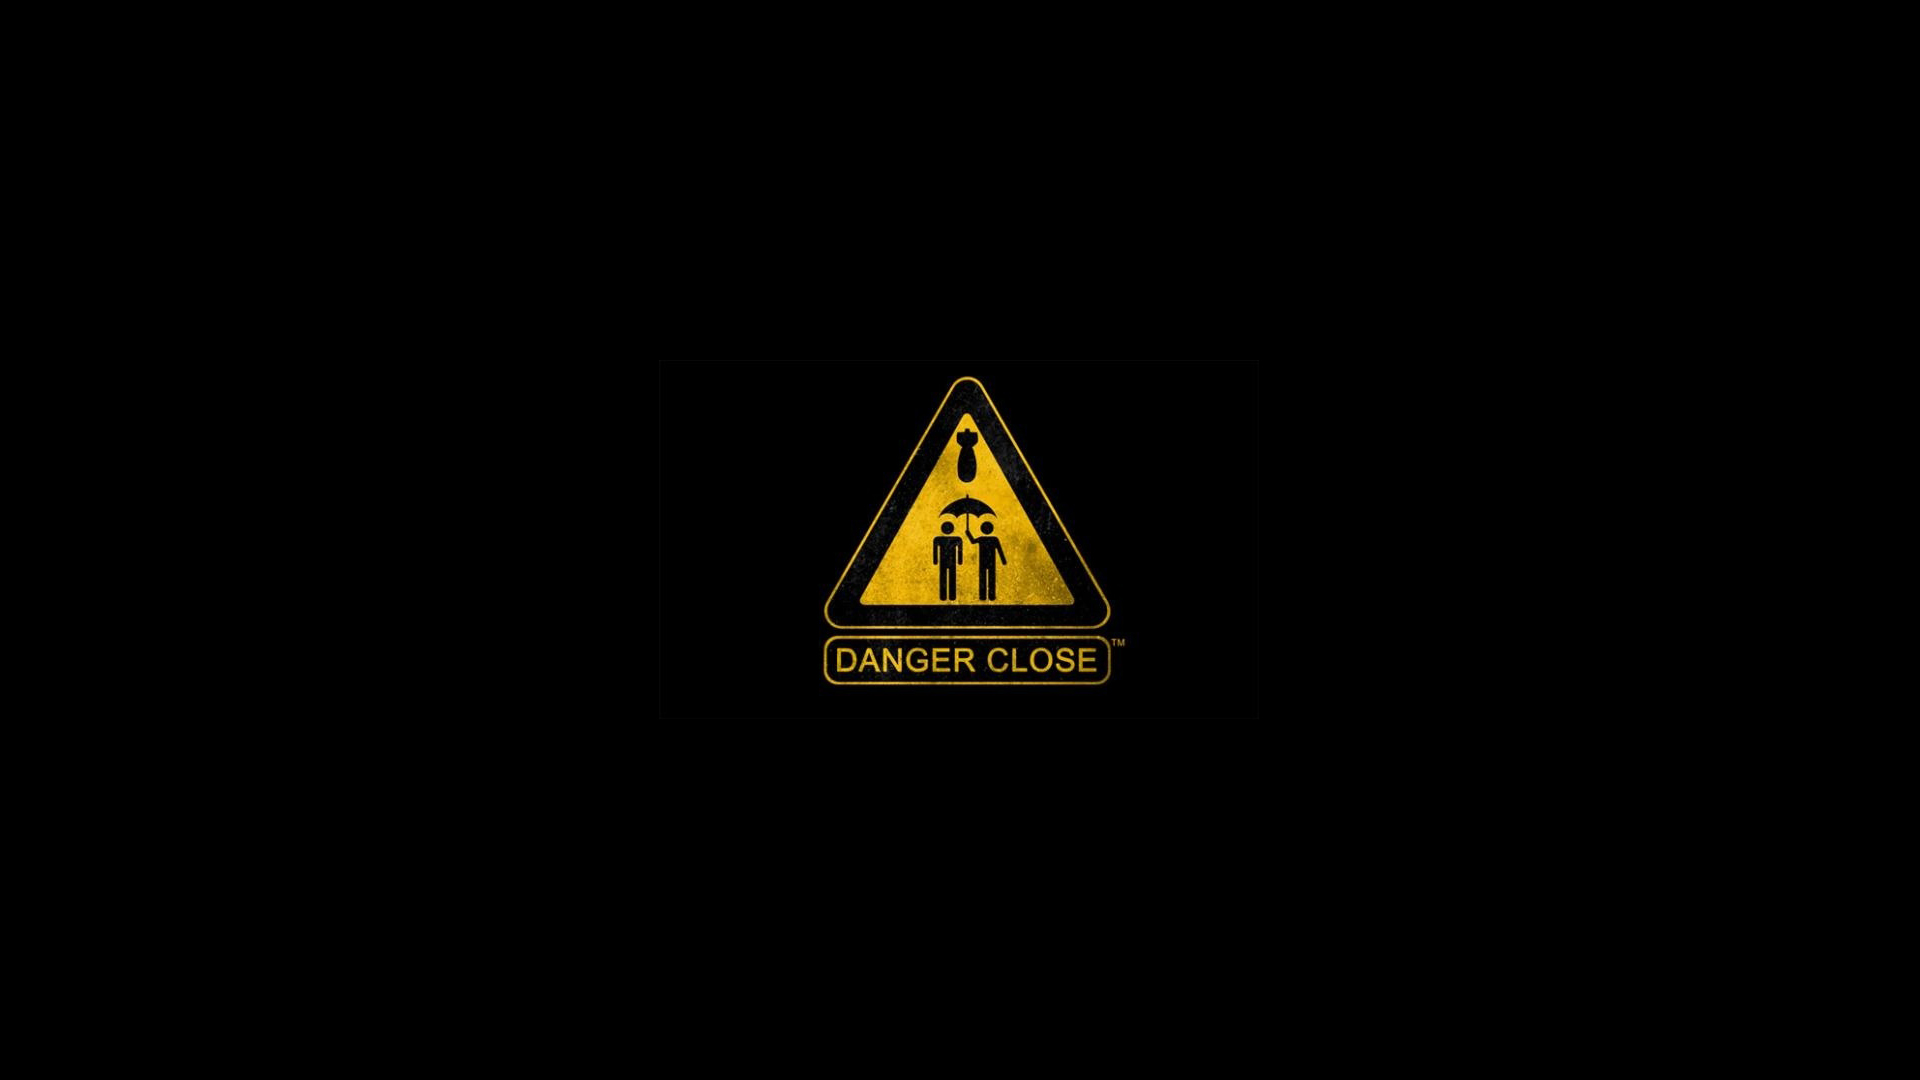 Danger Pictures Wallpaper Wallpapersafari